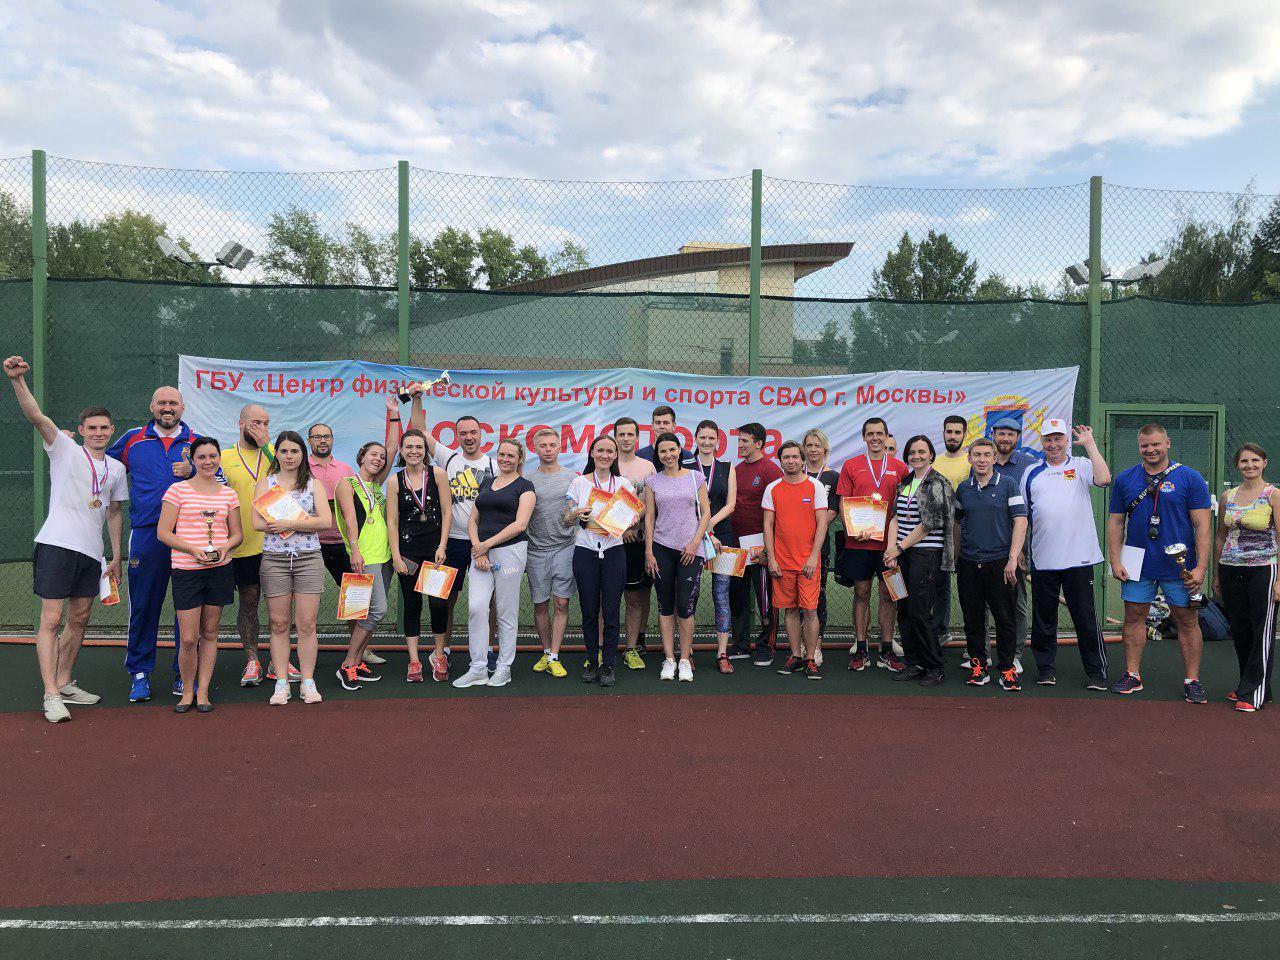 Госслужащие из Бибирева взяли бронзу на соревнованиях по легкой атлетике